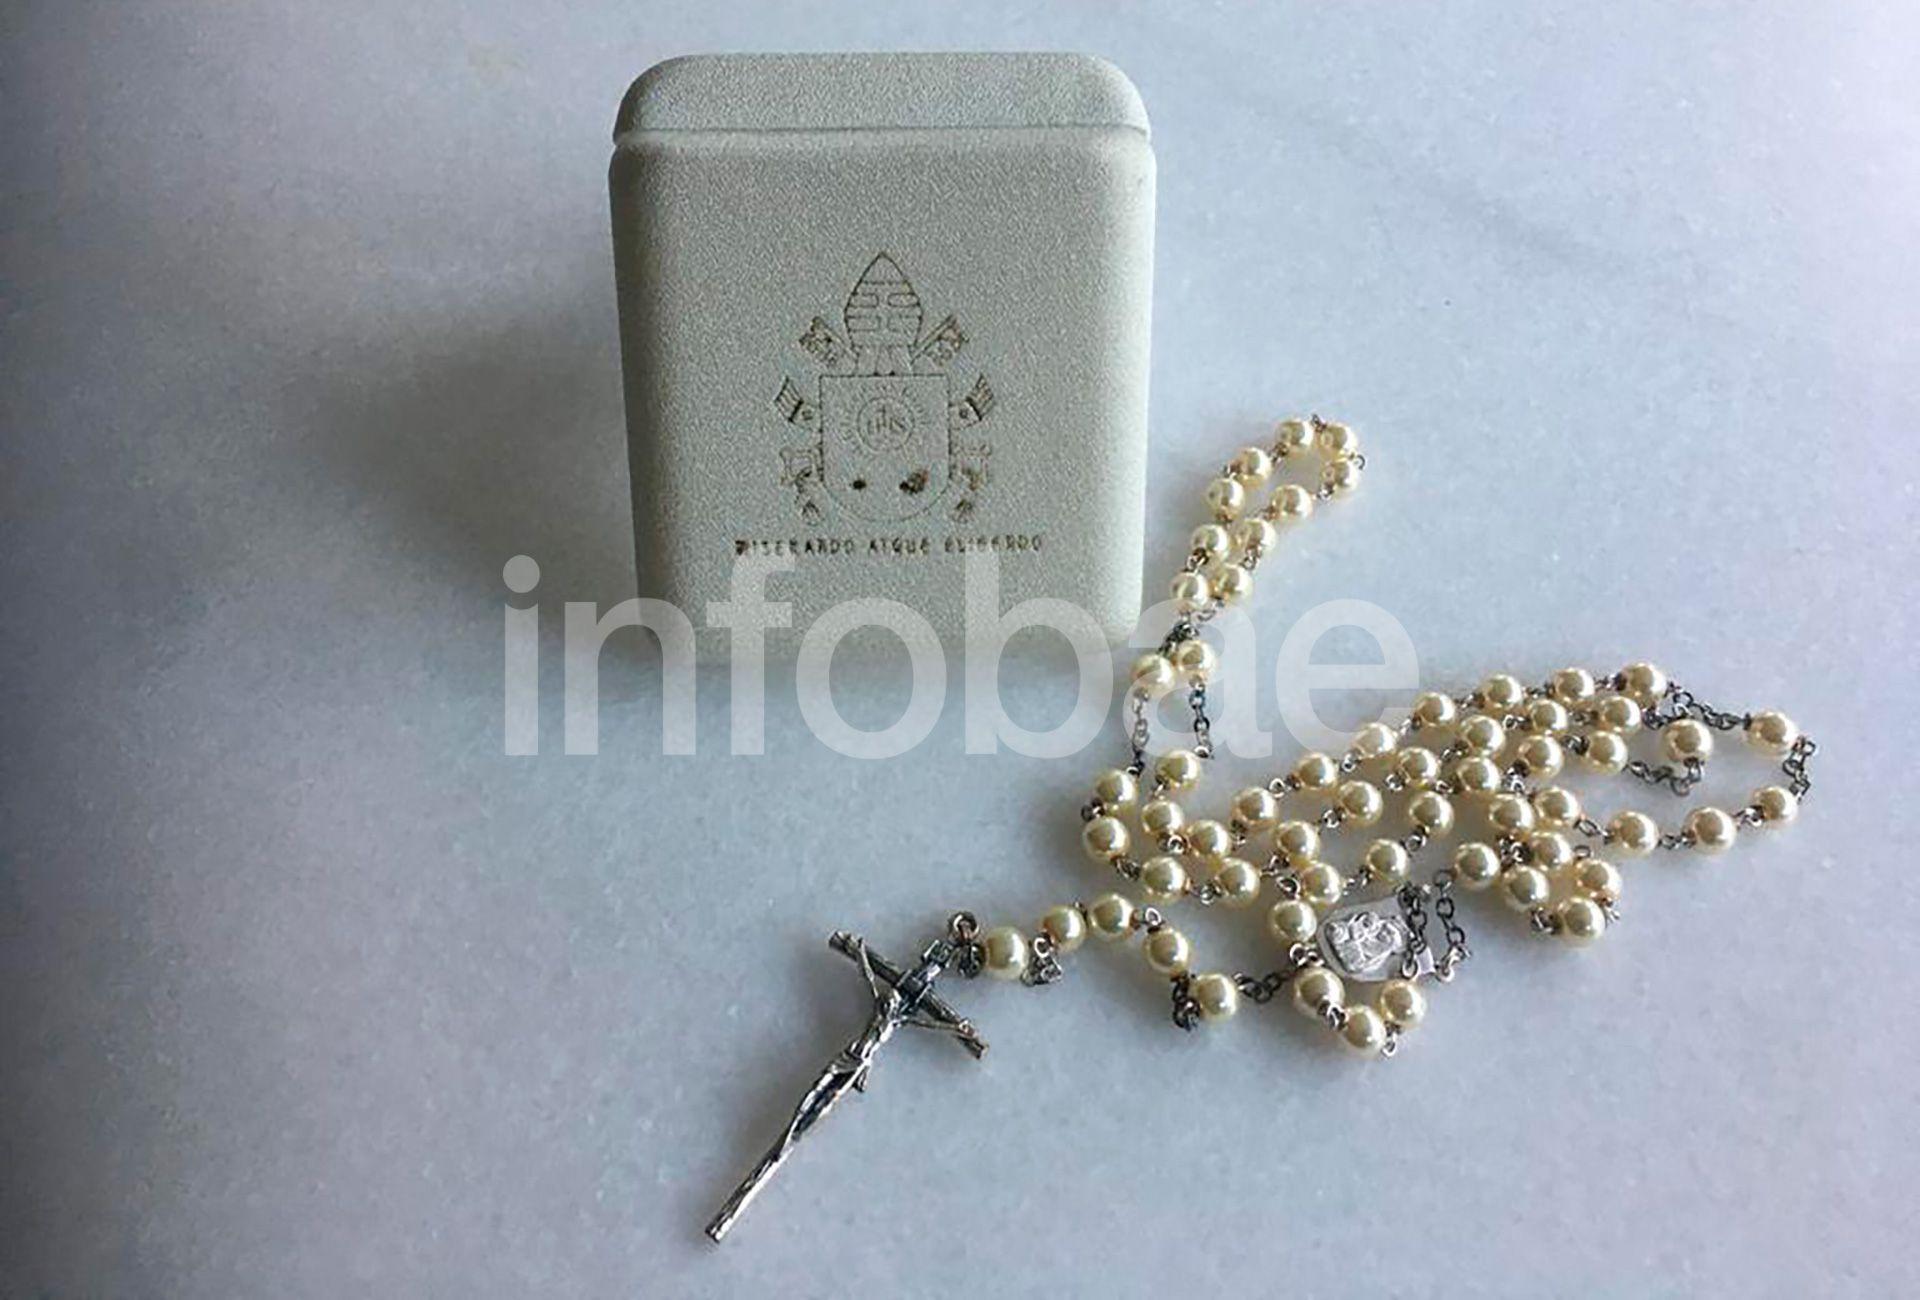 Rosario de perlas Isabel Peron